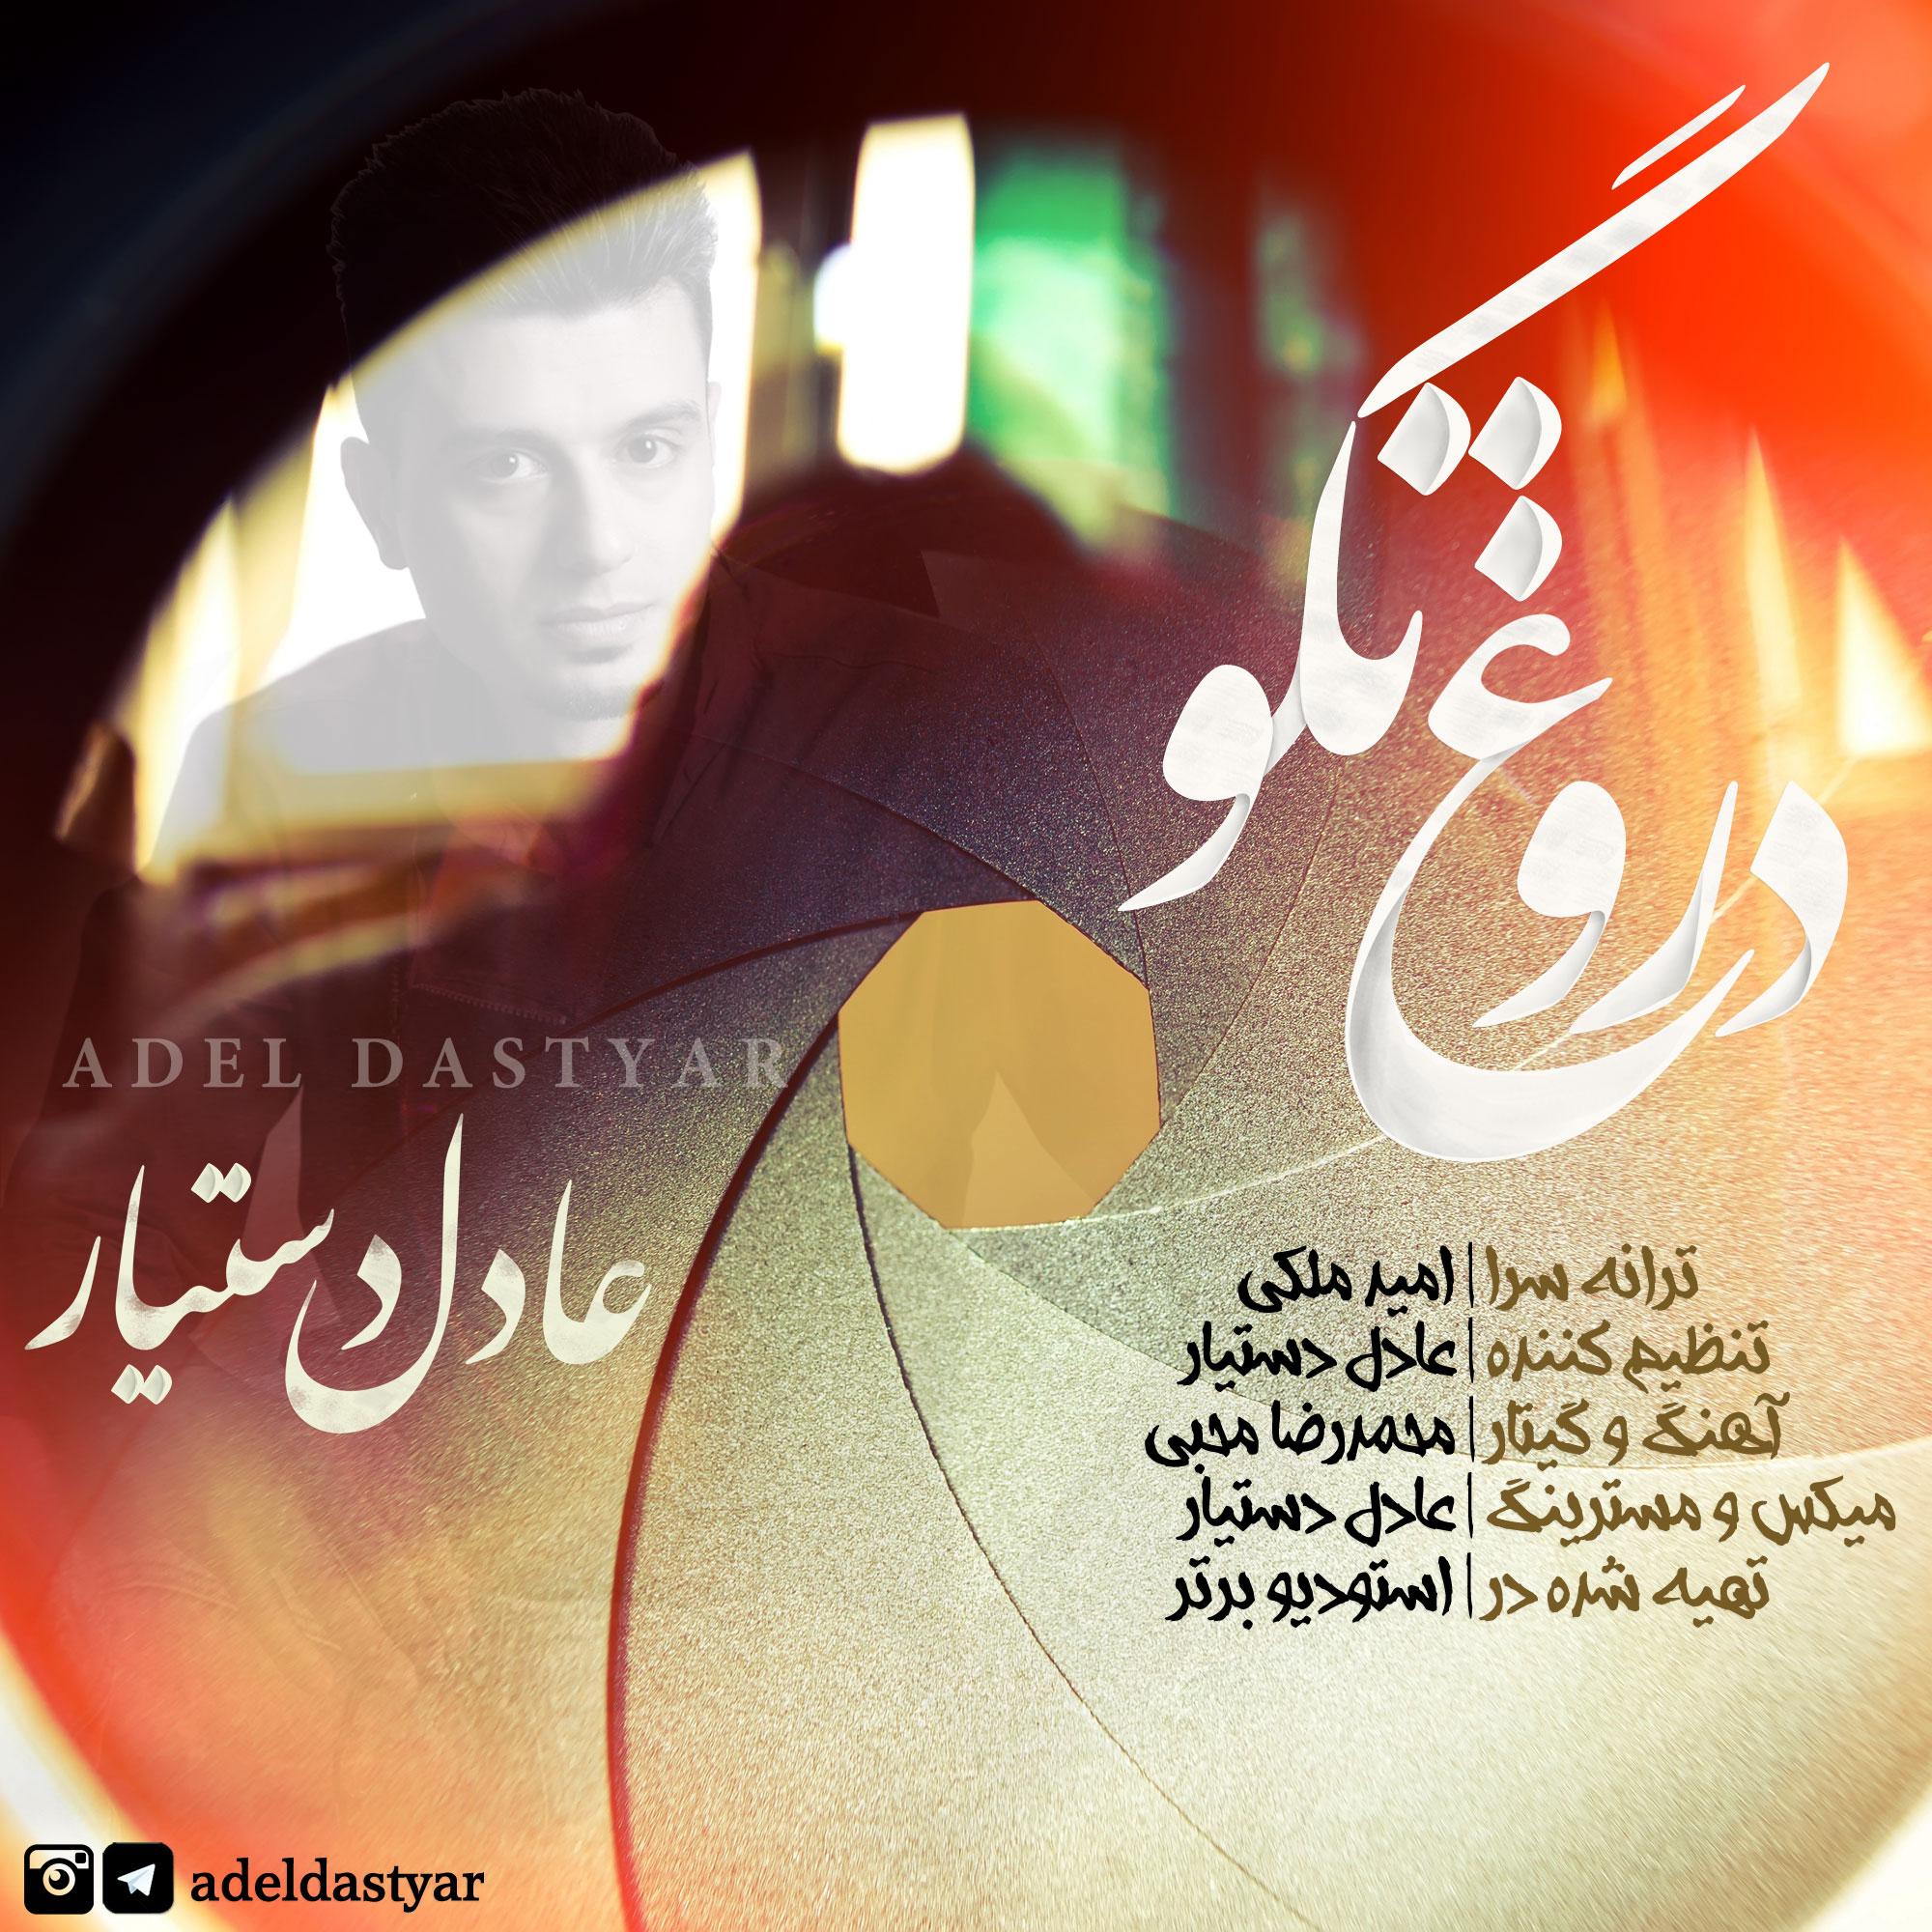 Adel Dastyar – Doroqh Tago